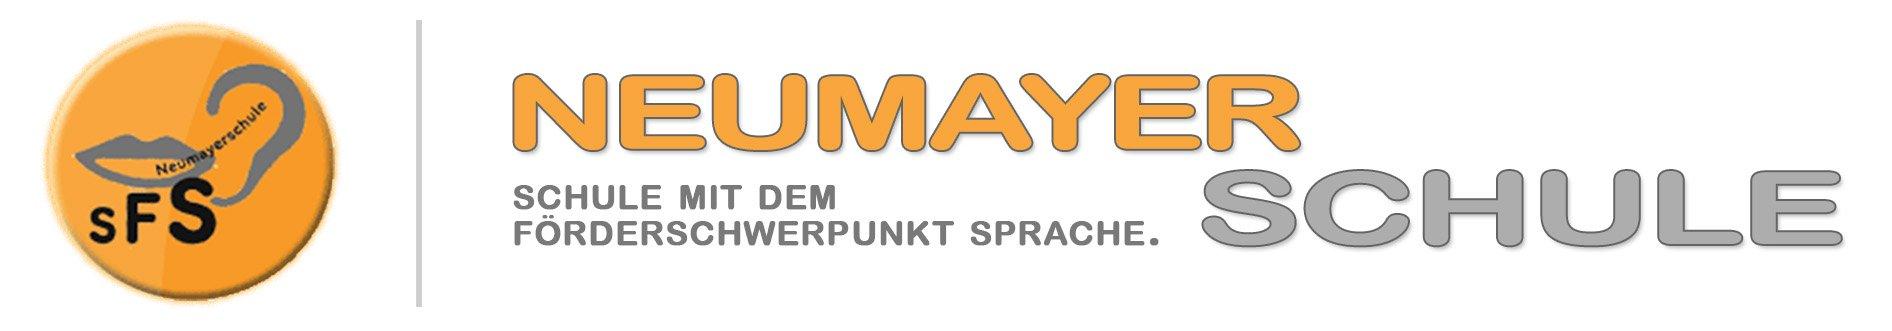 Neumayerschule.de